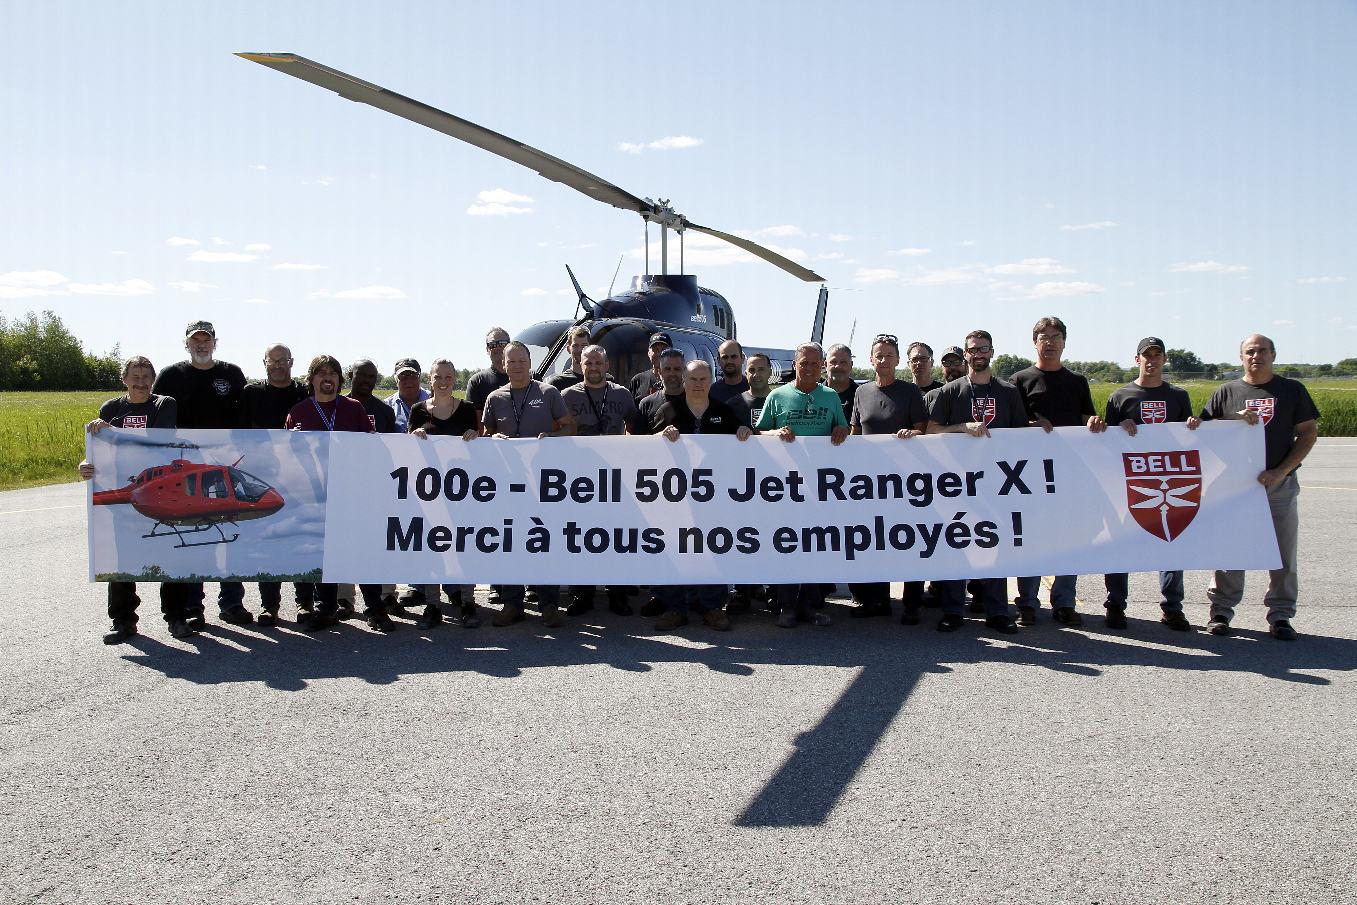 Le centième Bell 505 Jet Ranger X a été livré